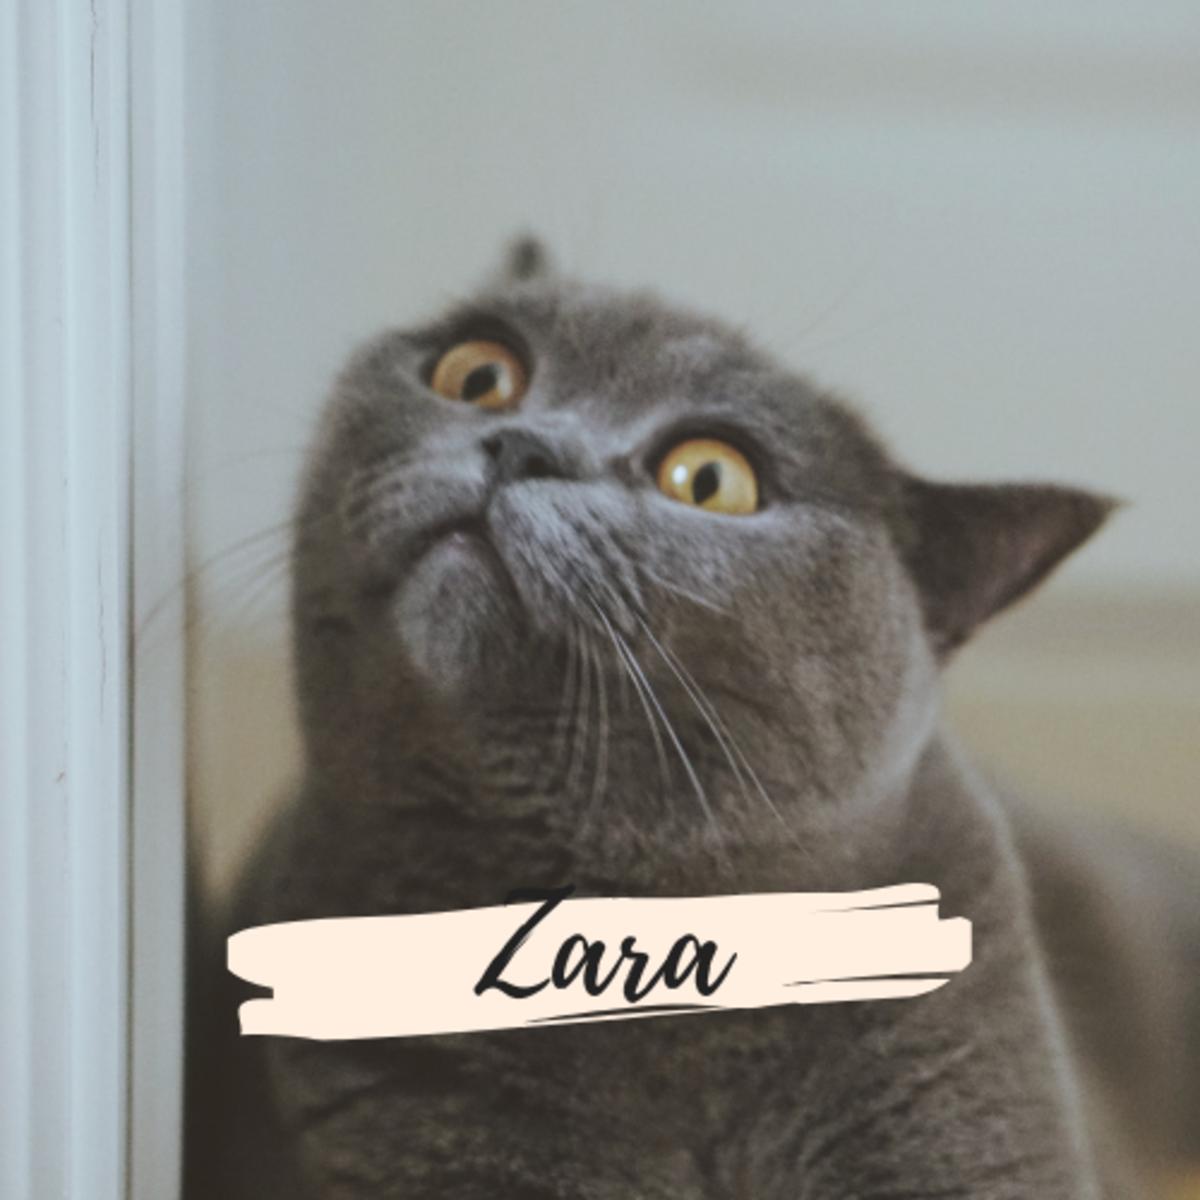 Is she a Zara?